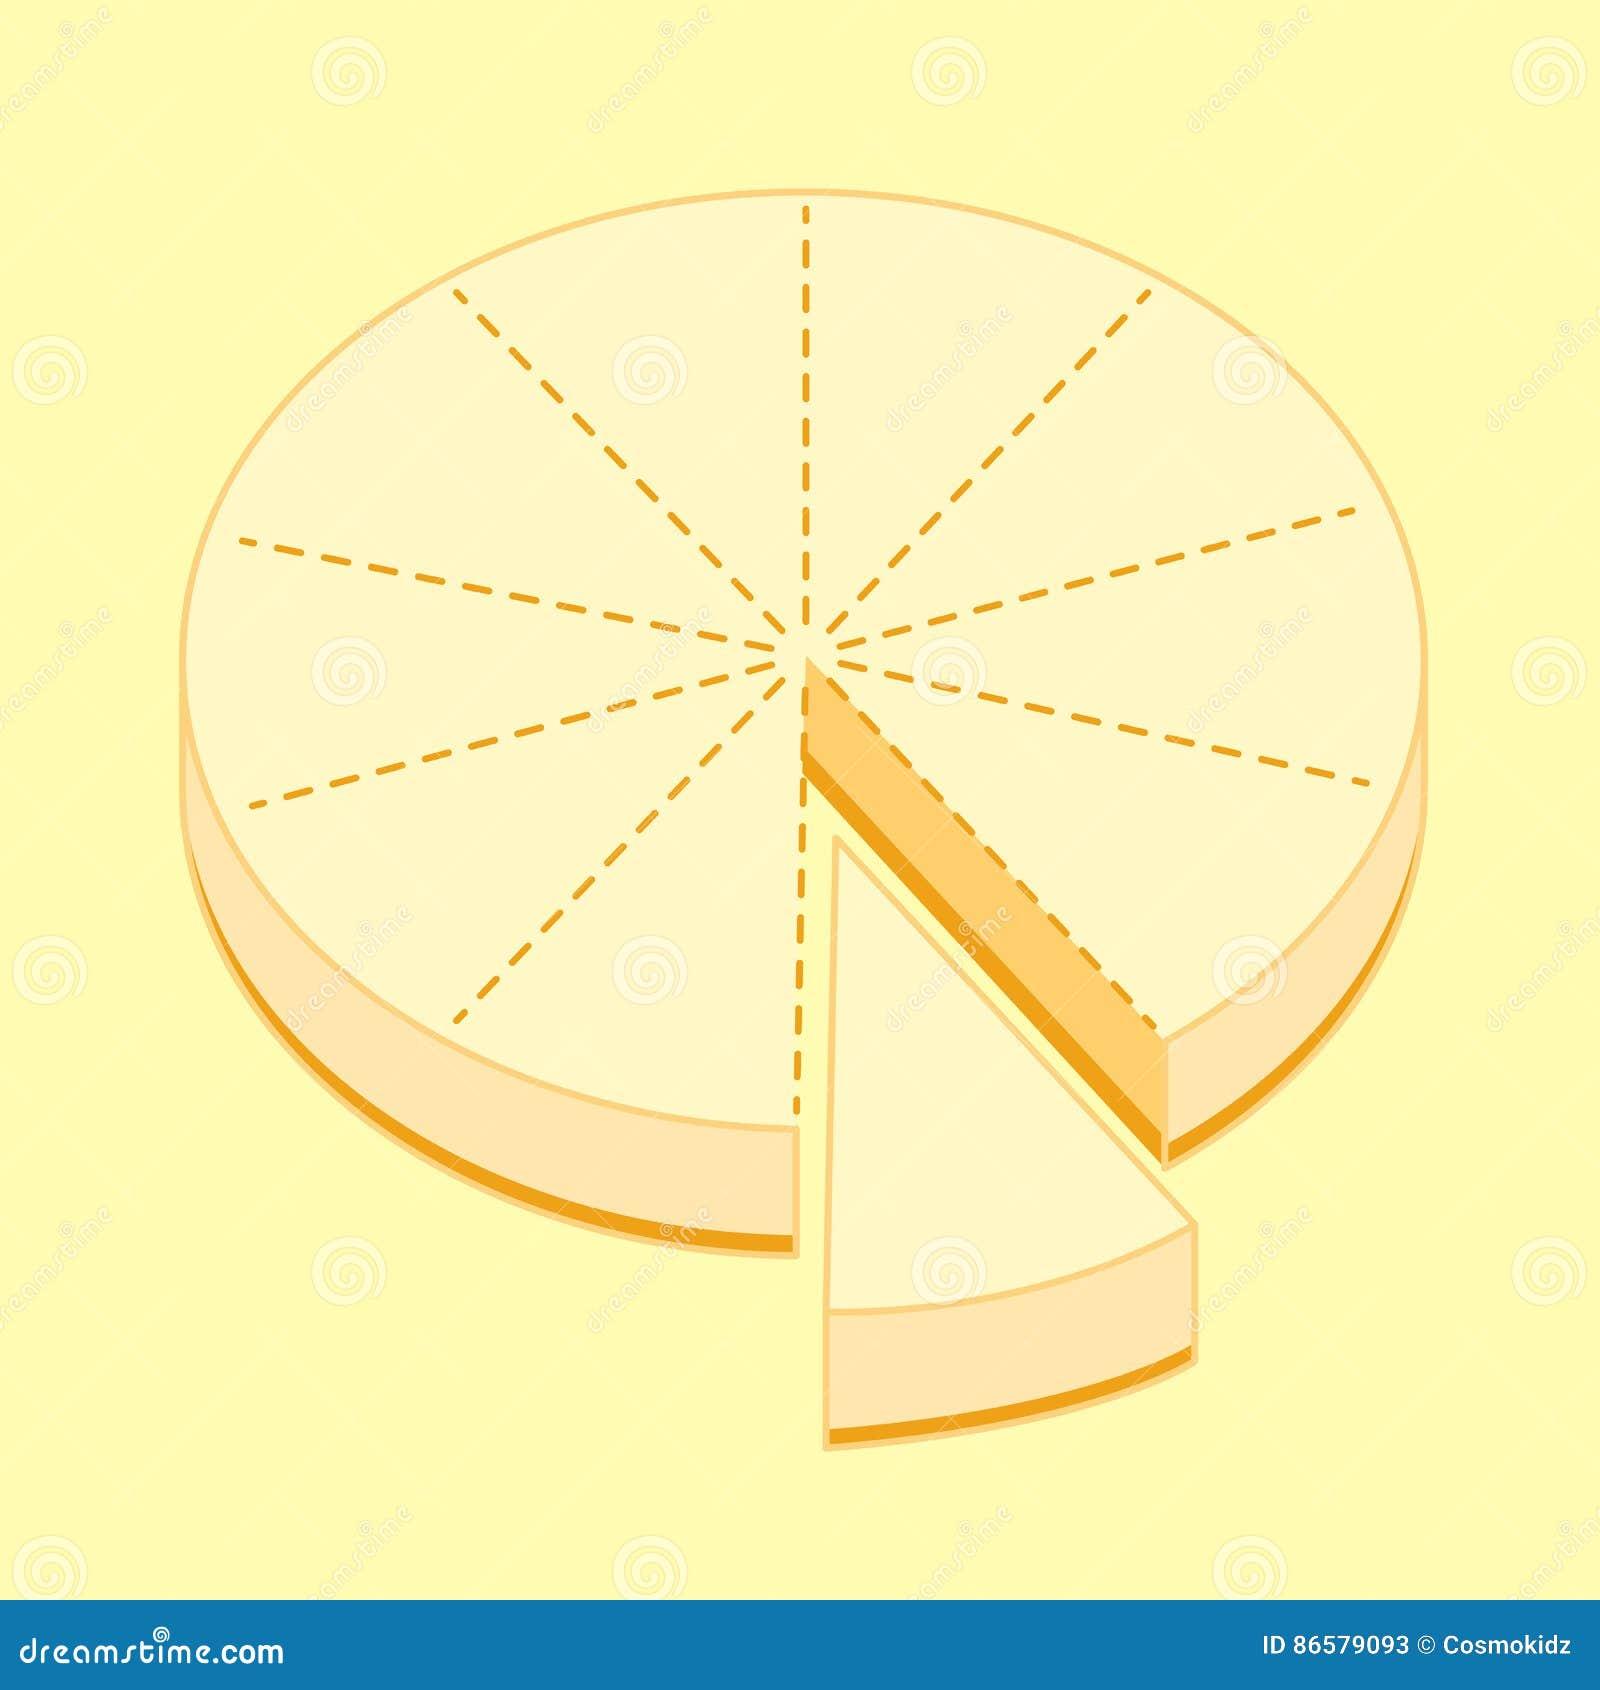 Cheesecake dziesięć kawałków rozdziału planu, nakreślenie ilustracja